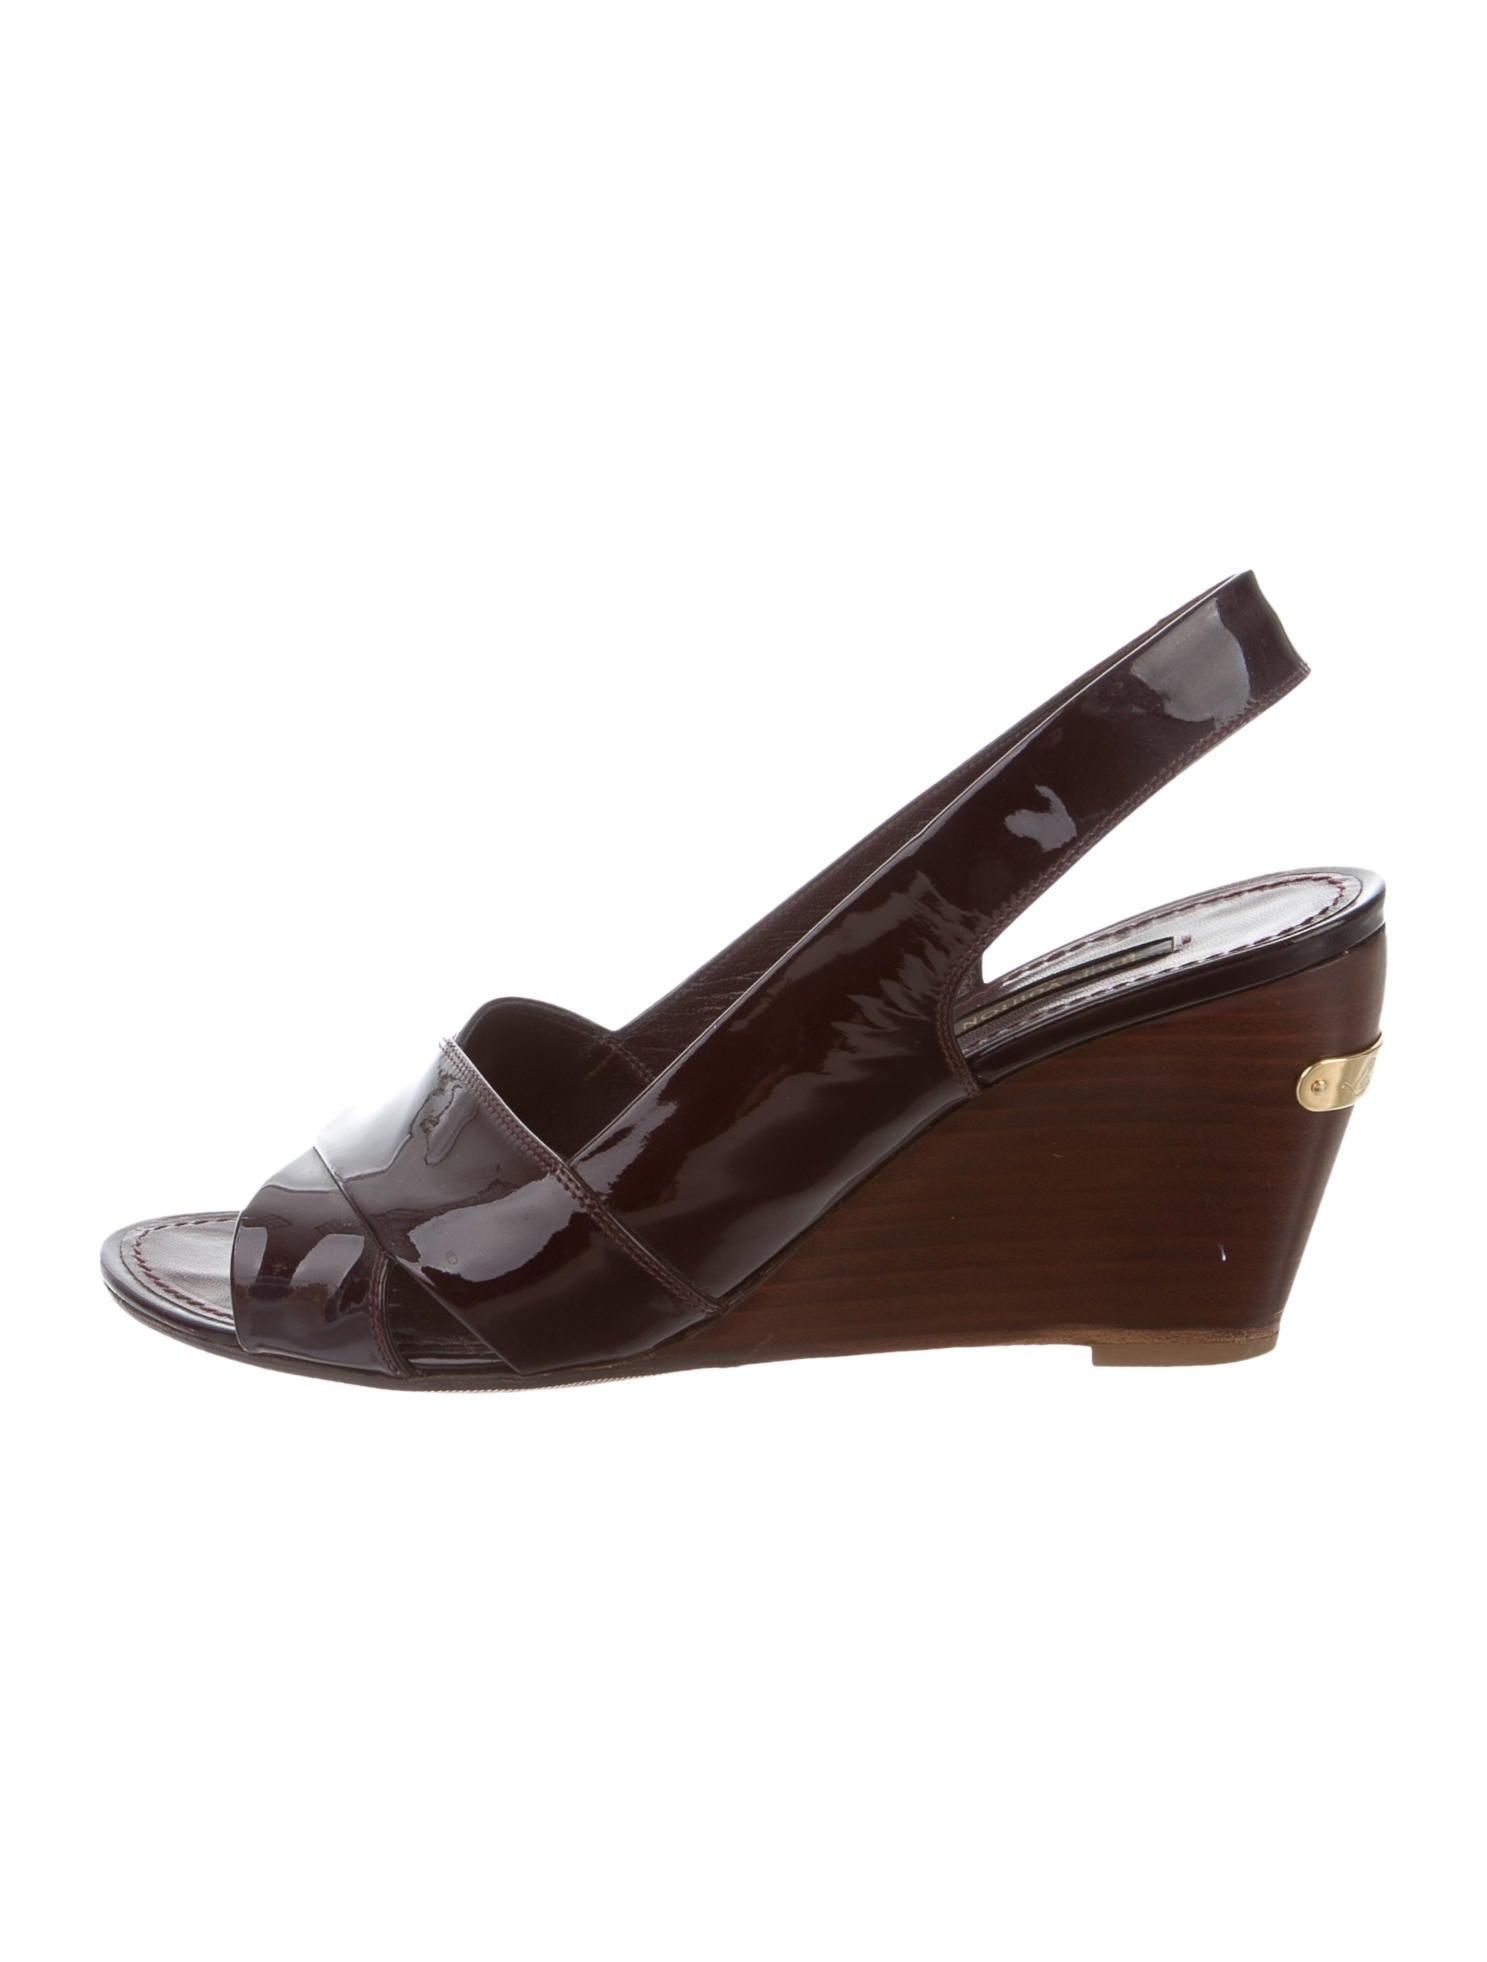 louis vuitton slingback wedge sandals shoes lou111091